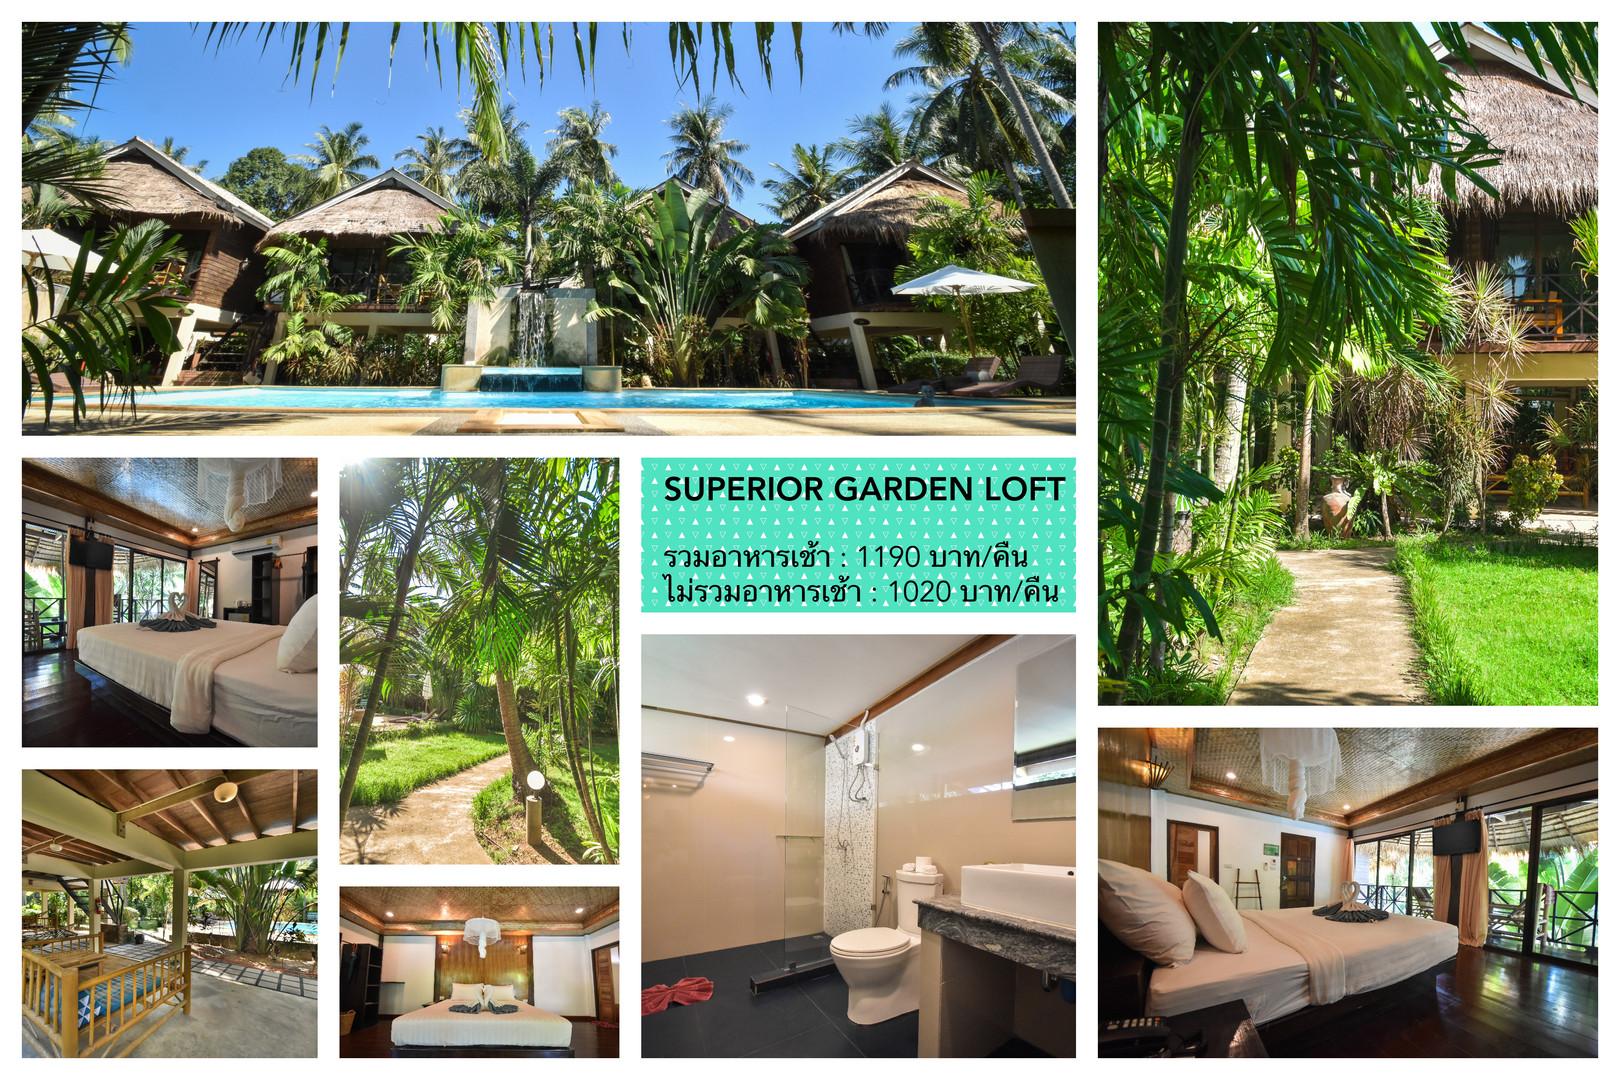 Superior Garden Loft.jpg